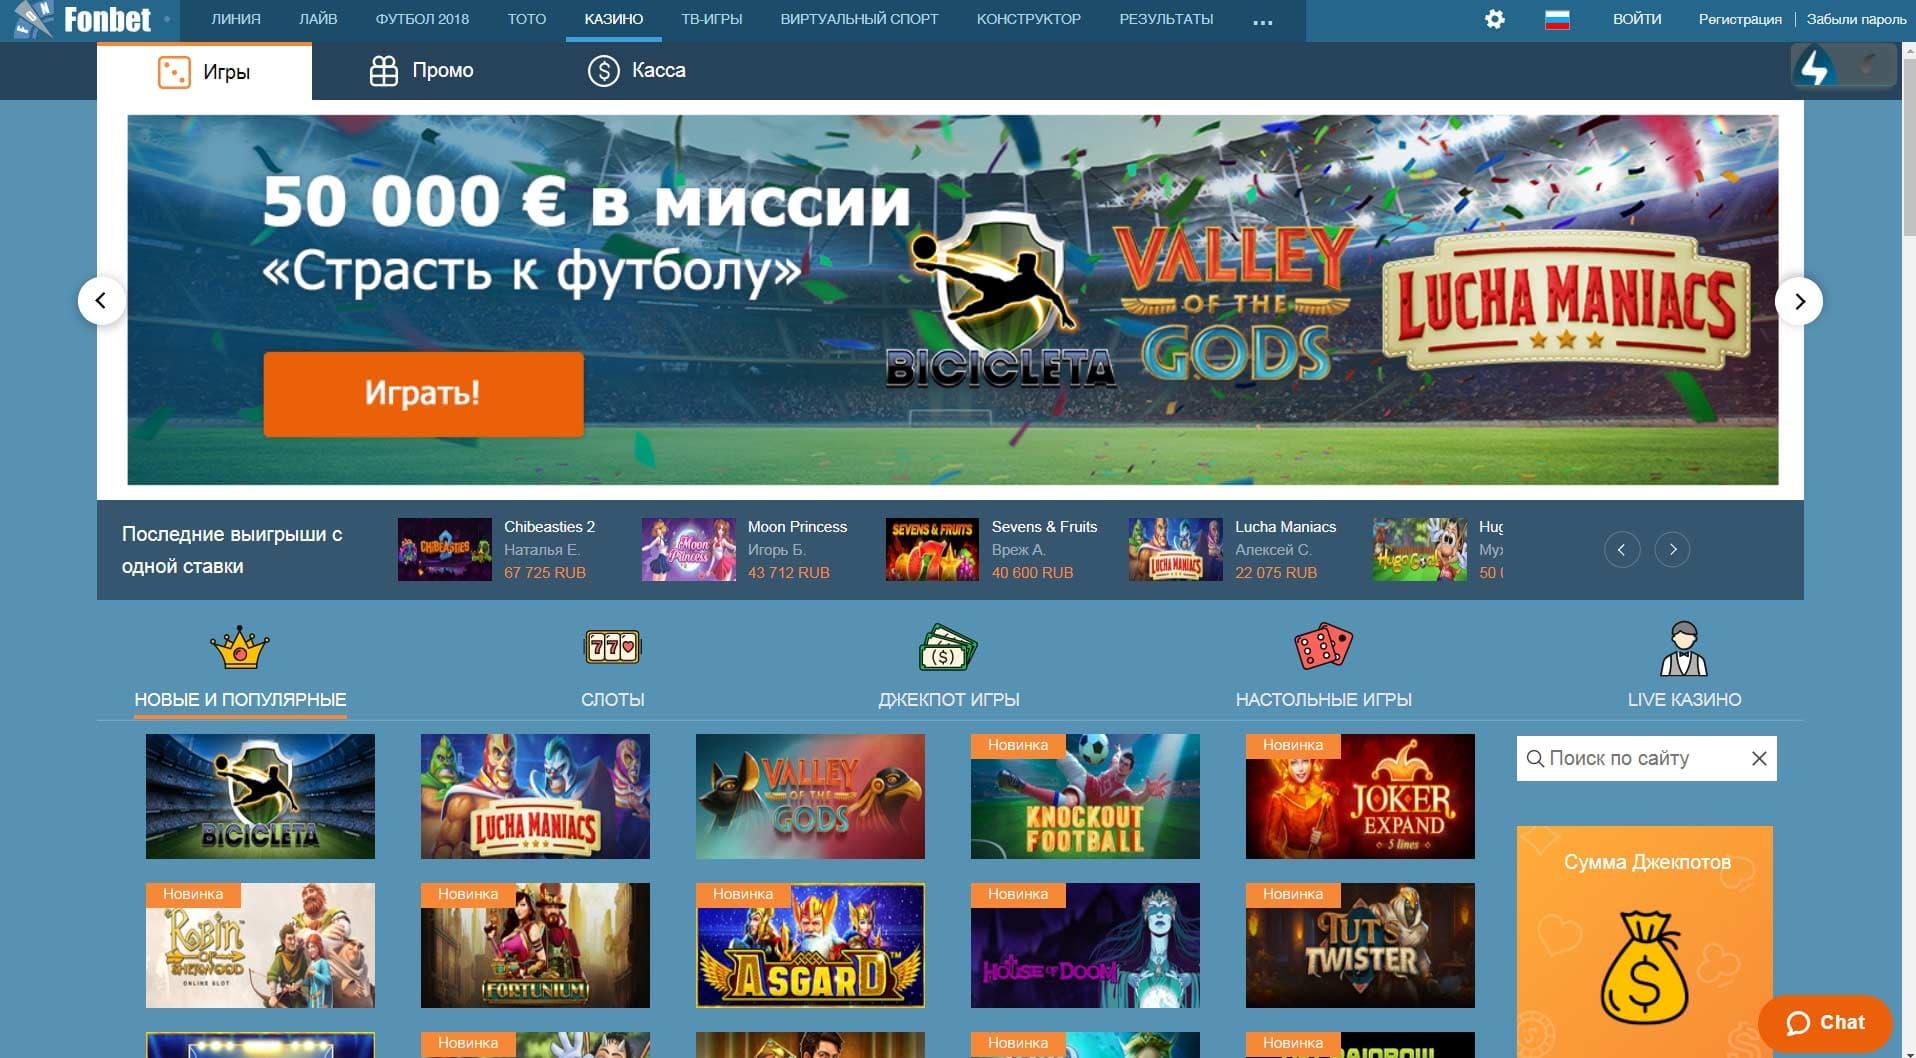 Скриншот фонбет букмекерская контора официальный сайт фонбет